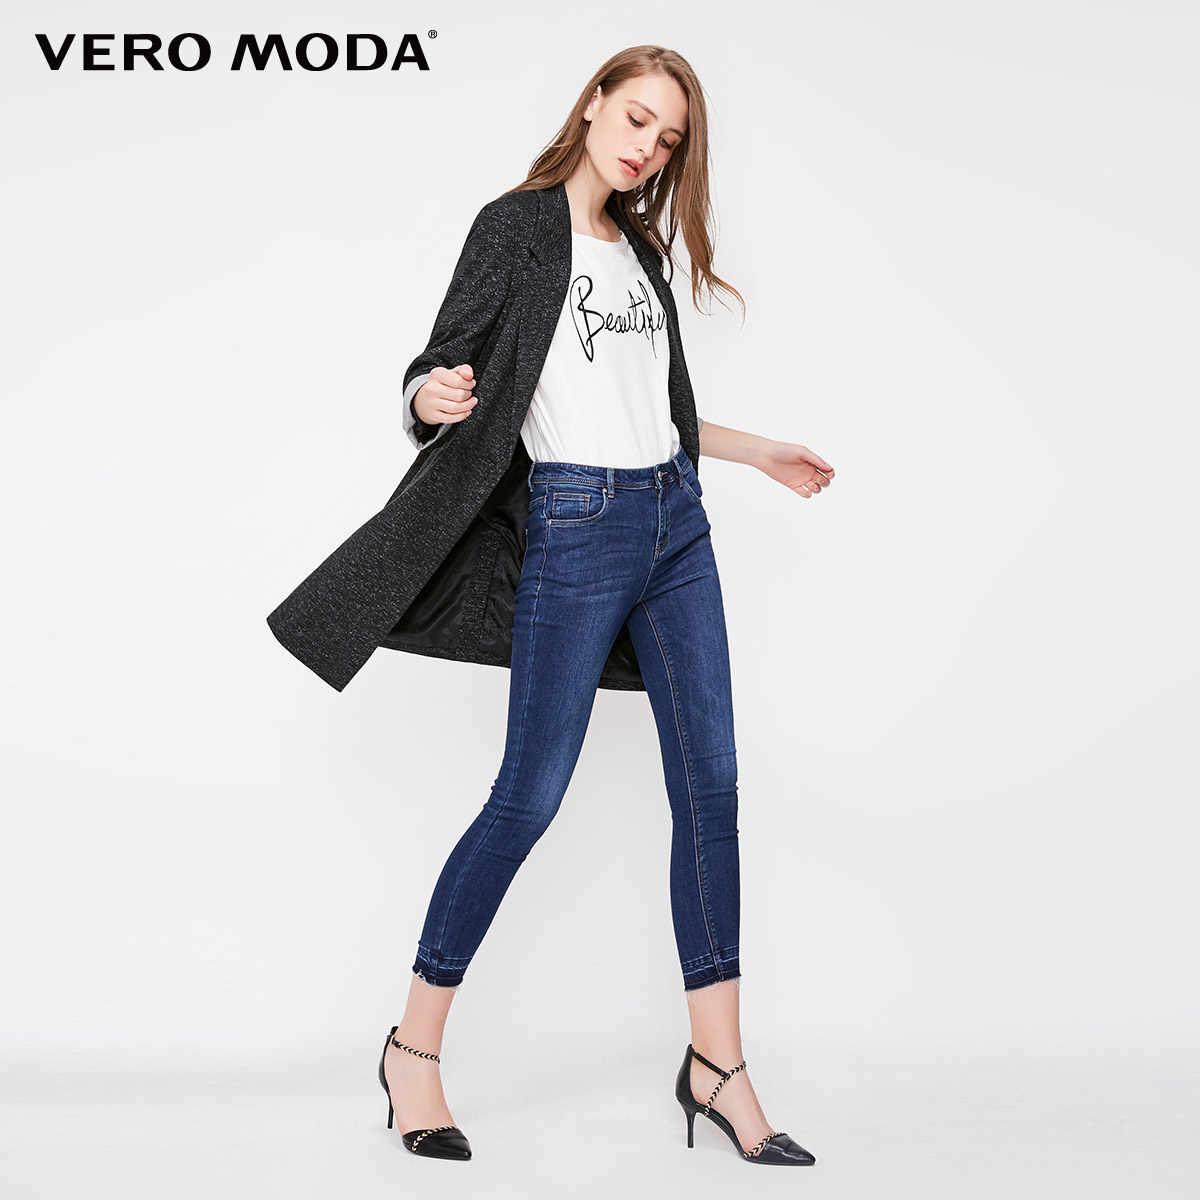 Vero Moda Женский приталенный Блейзер средней длины на одной пуговице   318308502